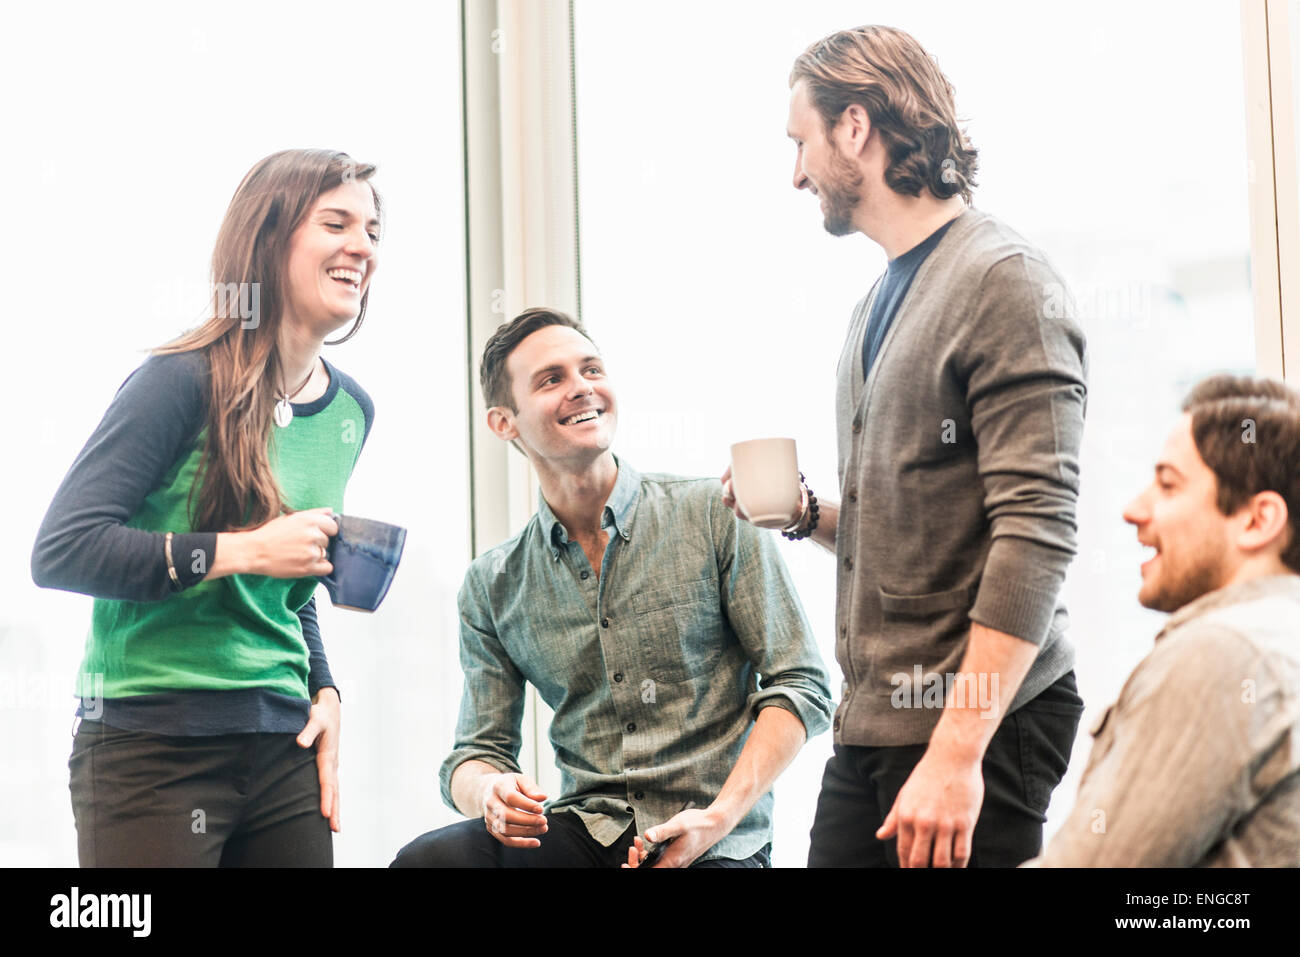 Quattro colleghi di lavoro su una pausa, ridere insieme. Immagini Stock